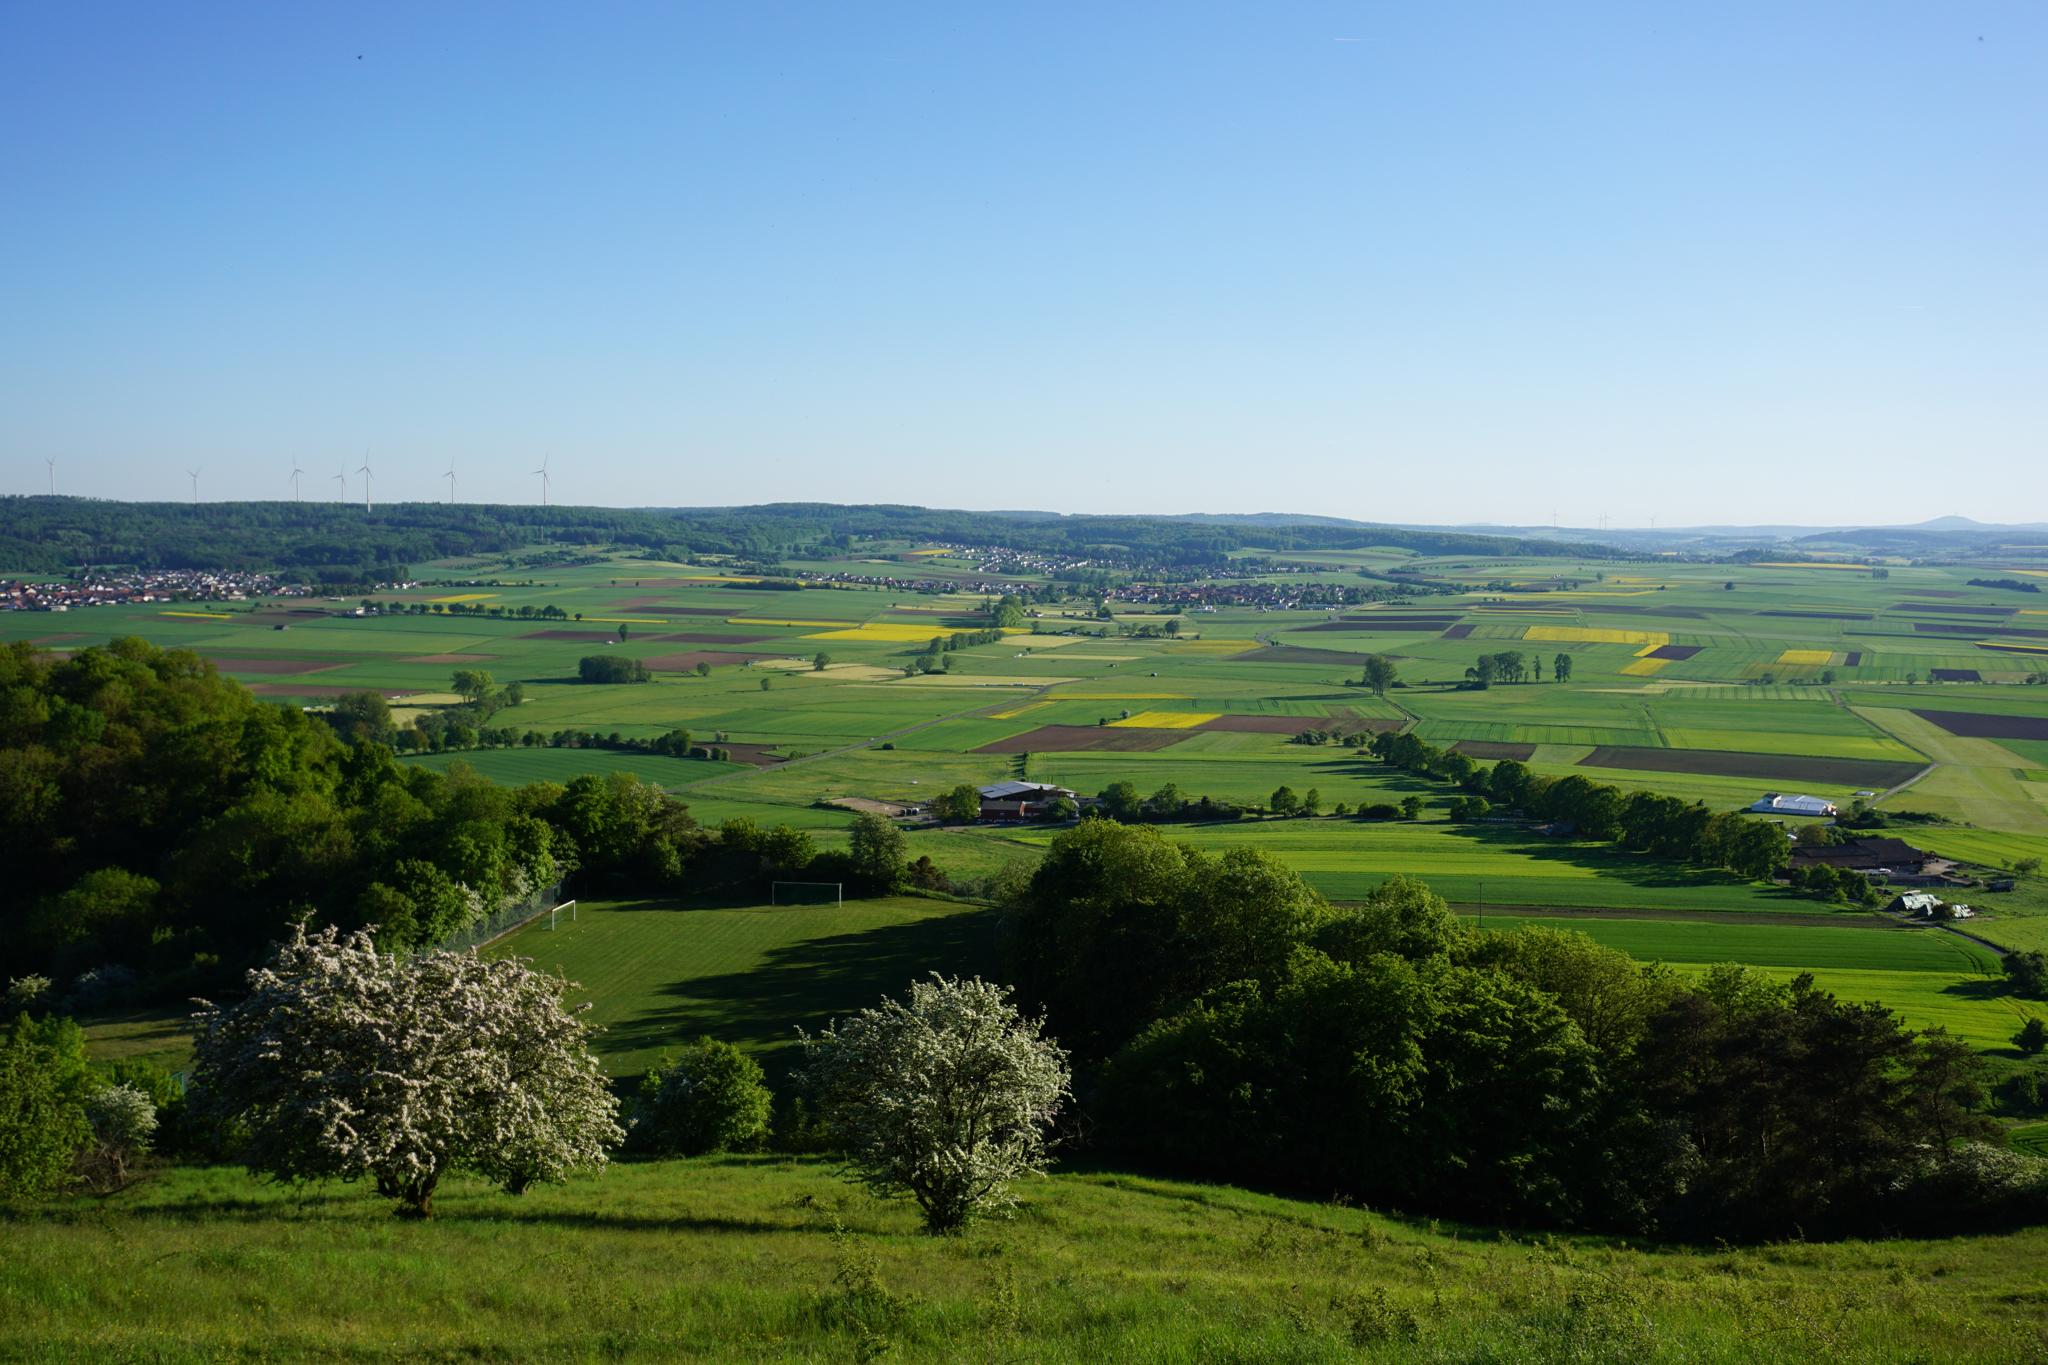 Eine Landschaft, die weit blicken lässt bei Amöneburg © T. Hoyer